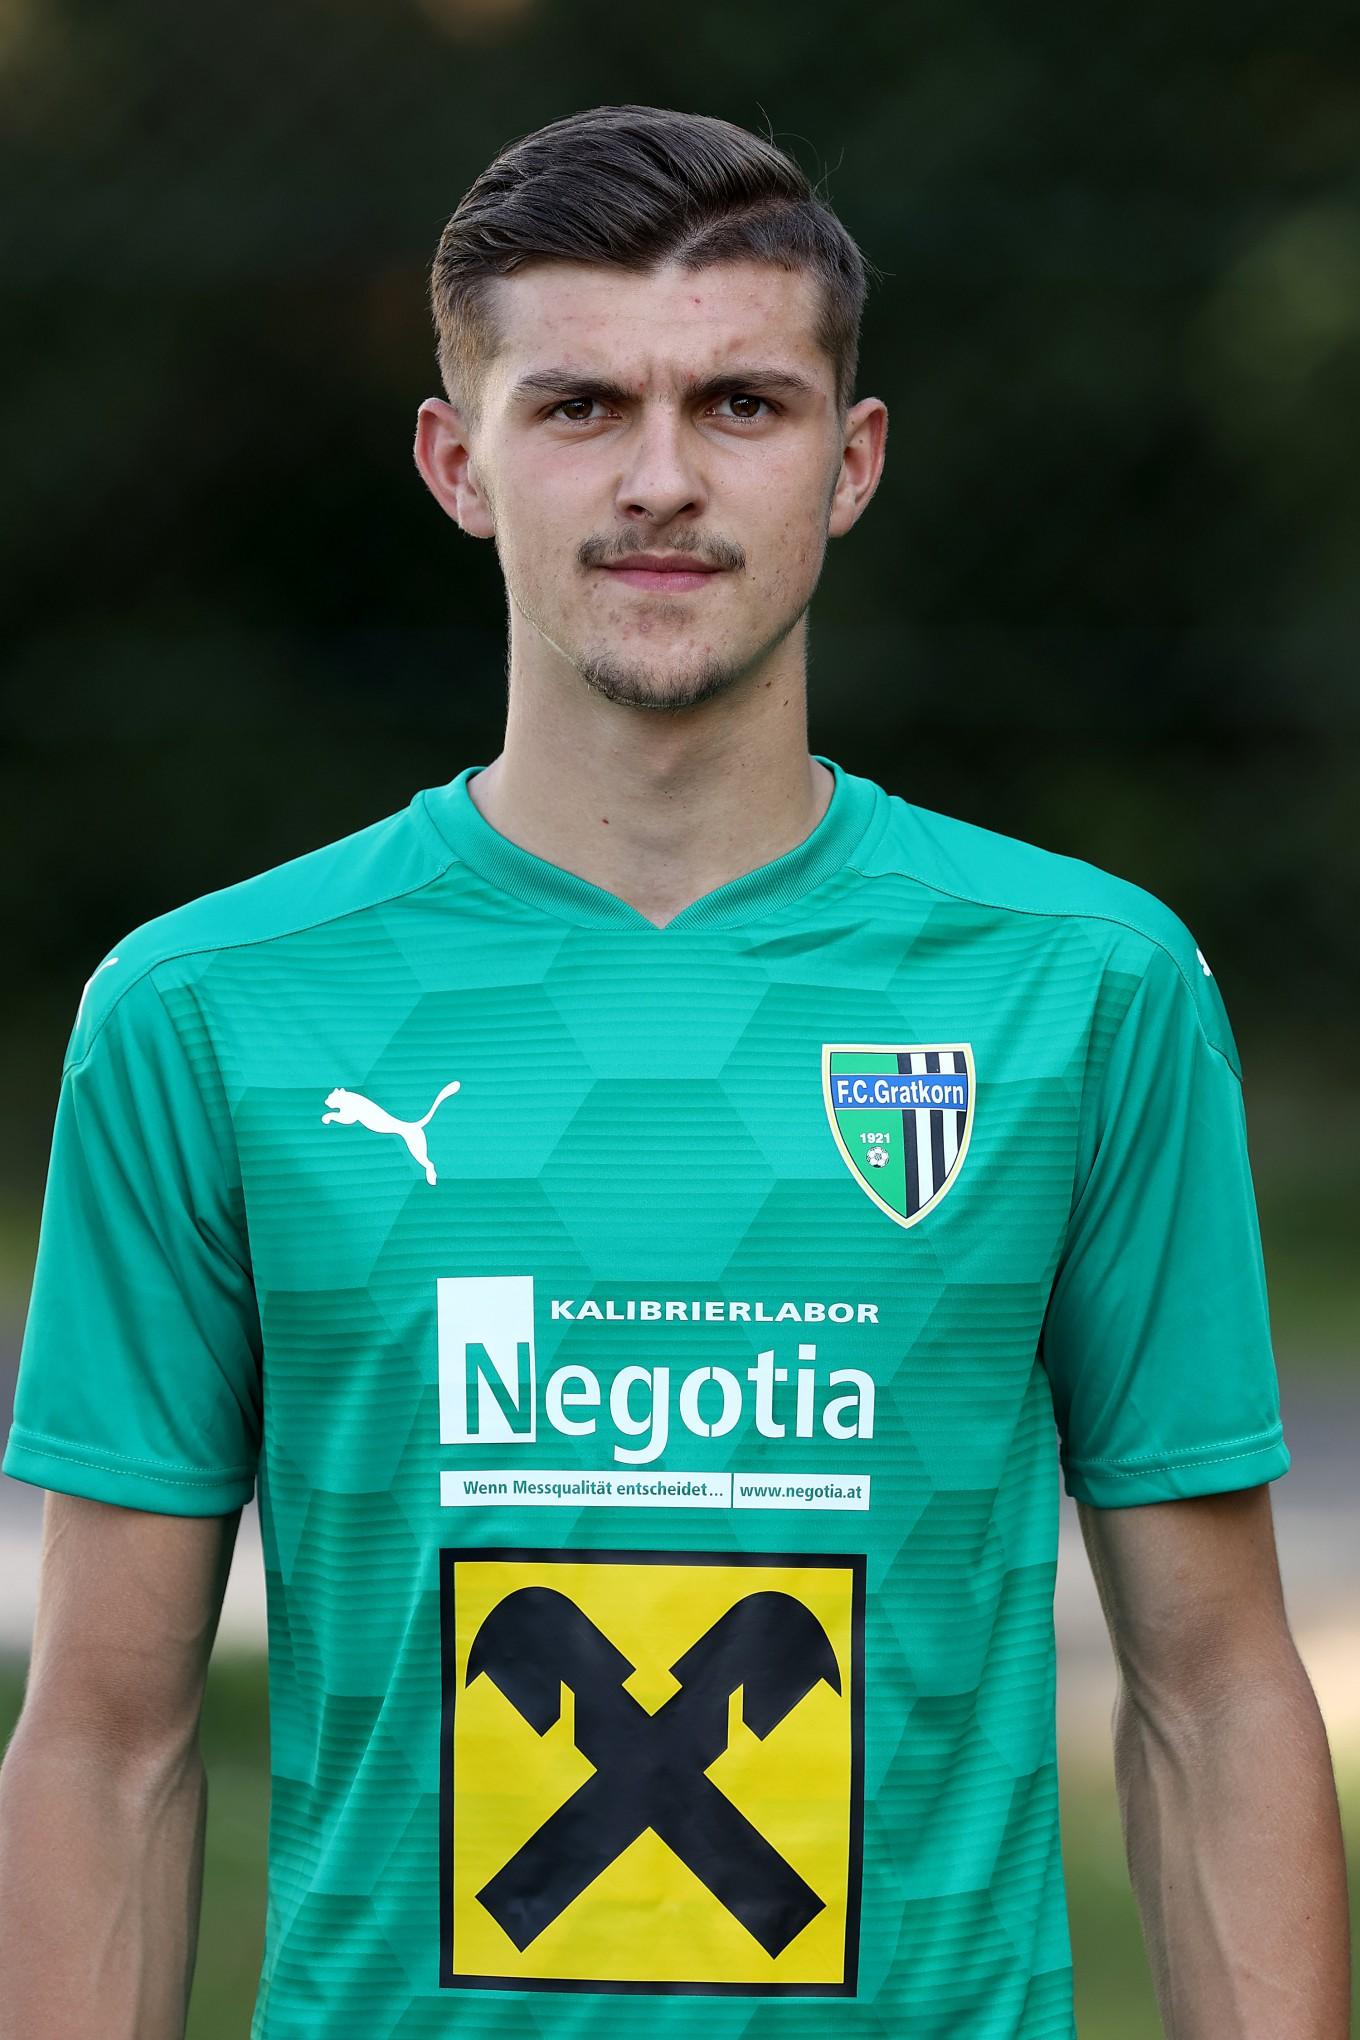 Amin Bajric, FC Gratkorn KM1